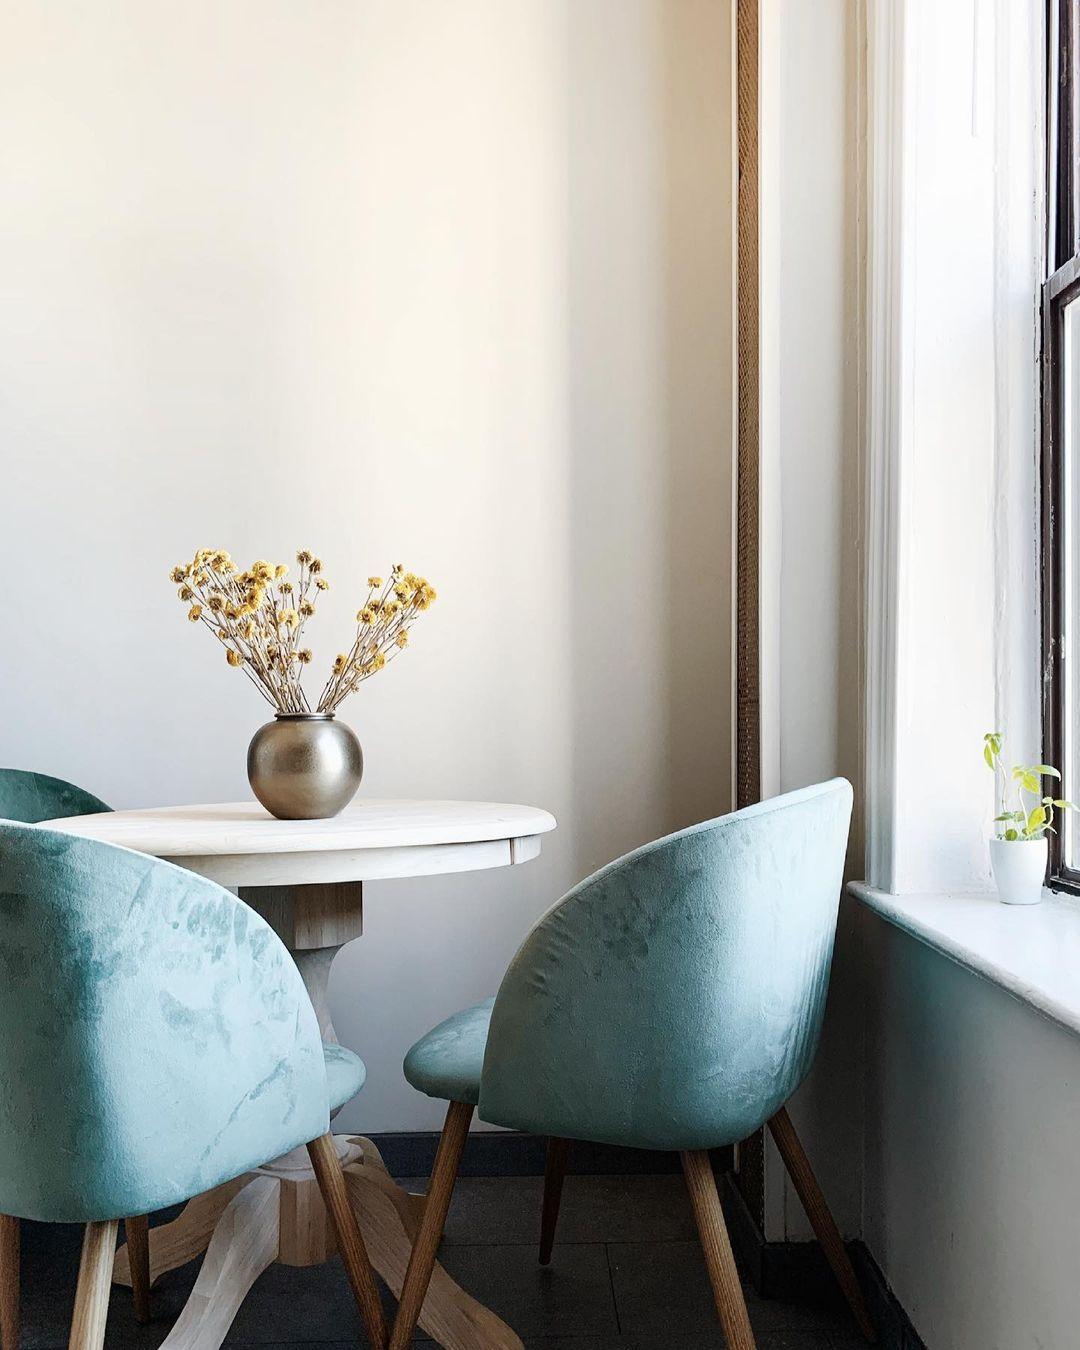 Вдохновленные осенью: 10 идей как украсить свой дом-Фото 2